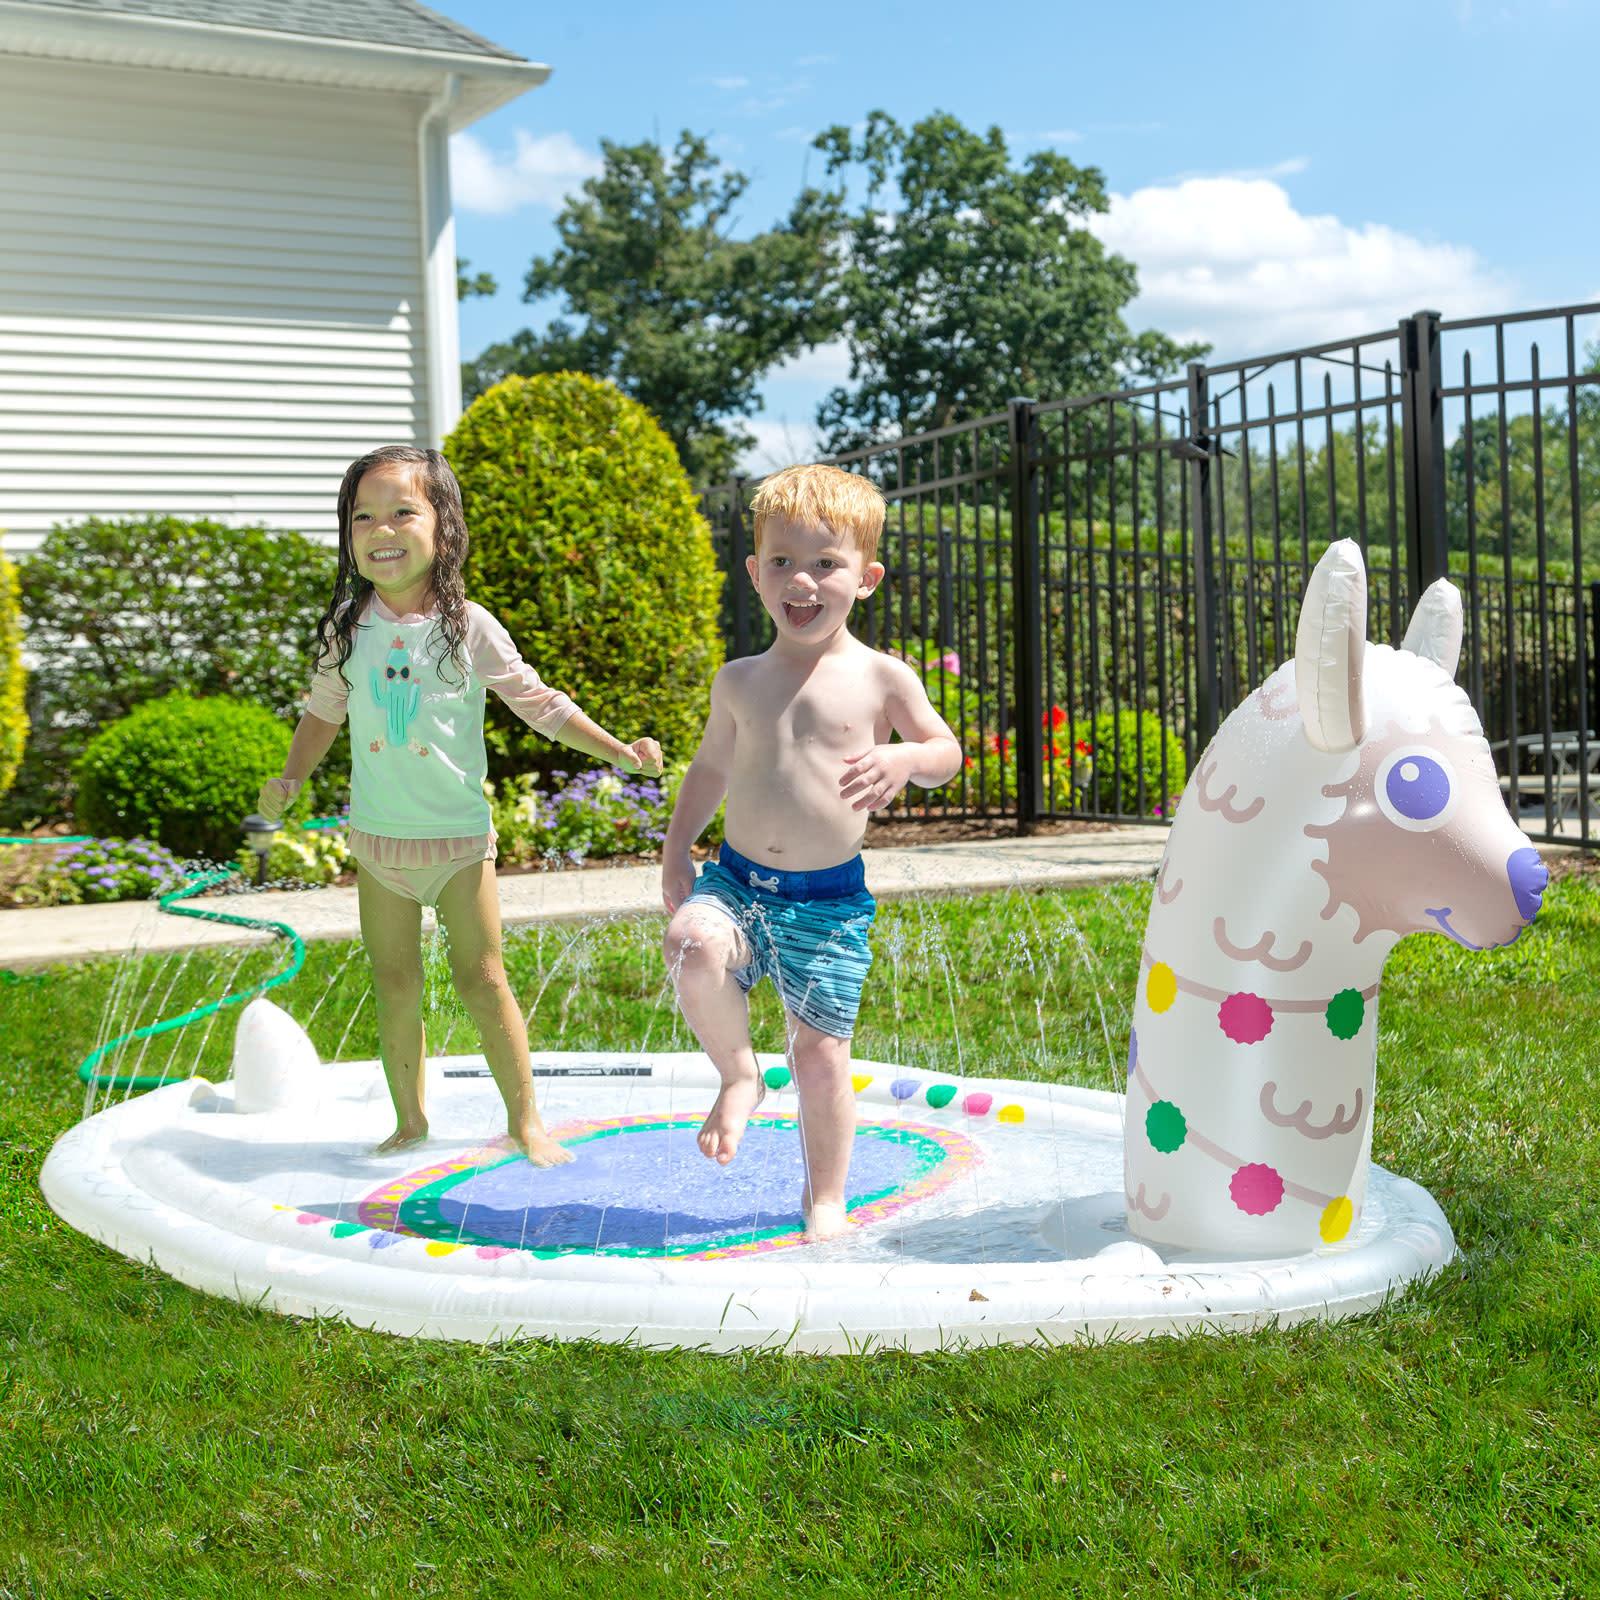 Splashy Sprinkler Llama-4